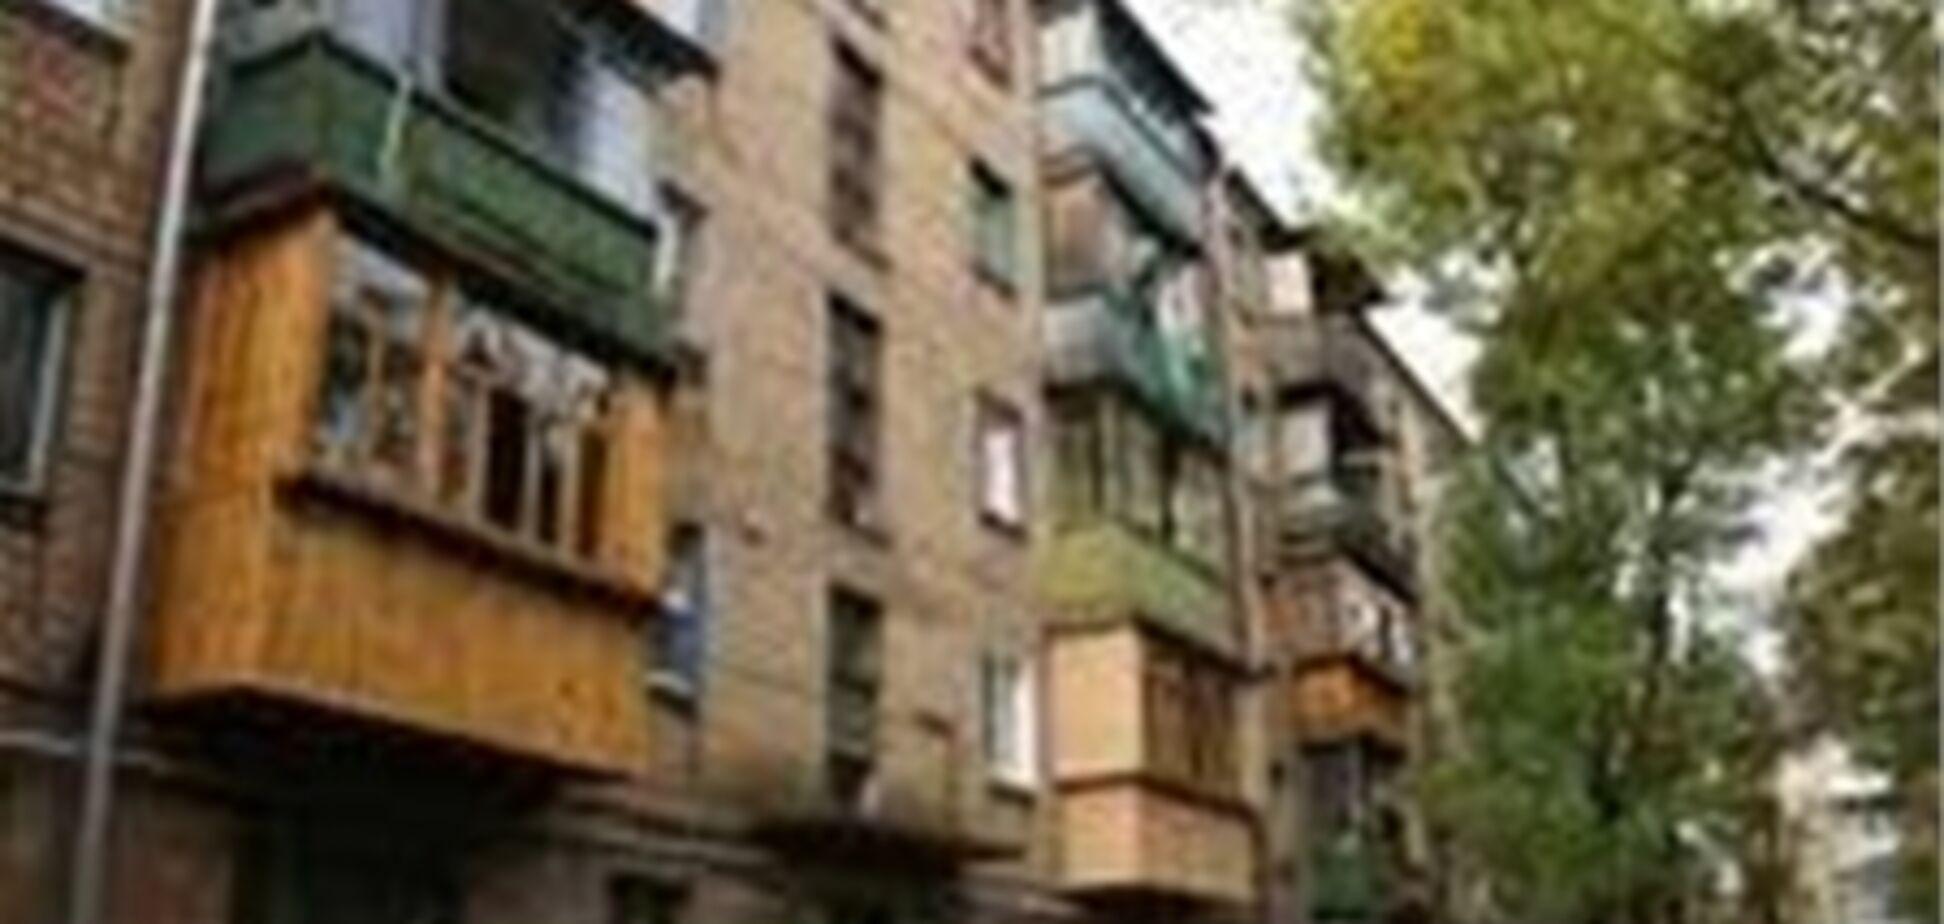 Жителей хрущевок переселят в 'пионерный' дом